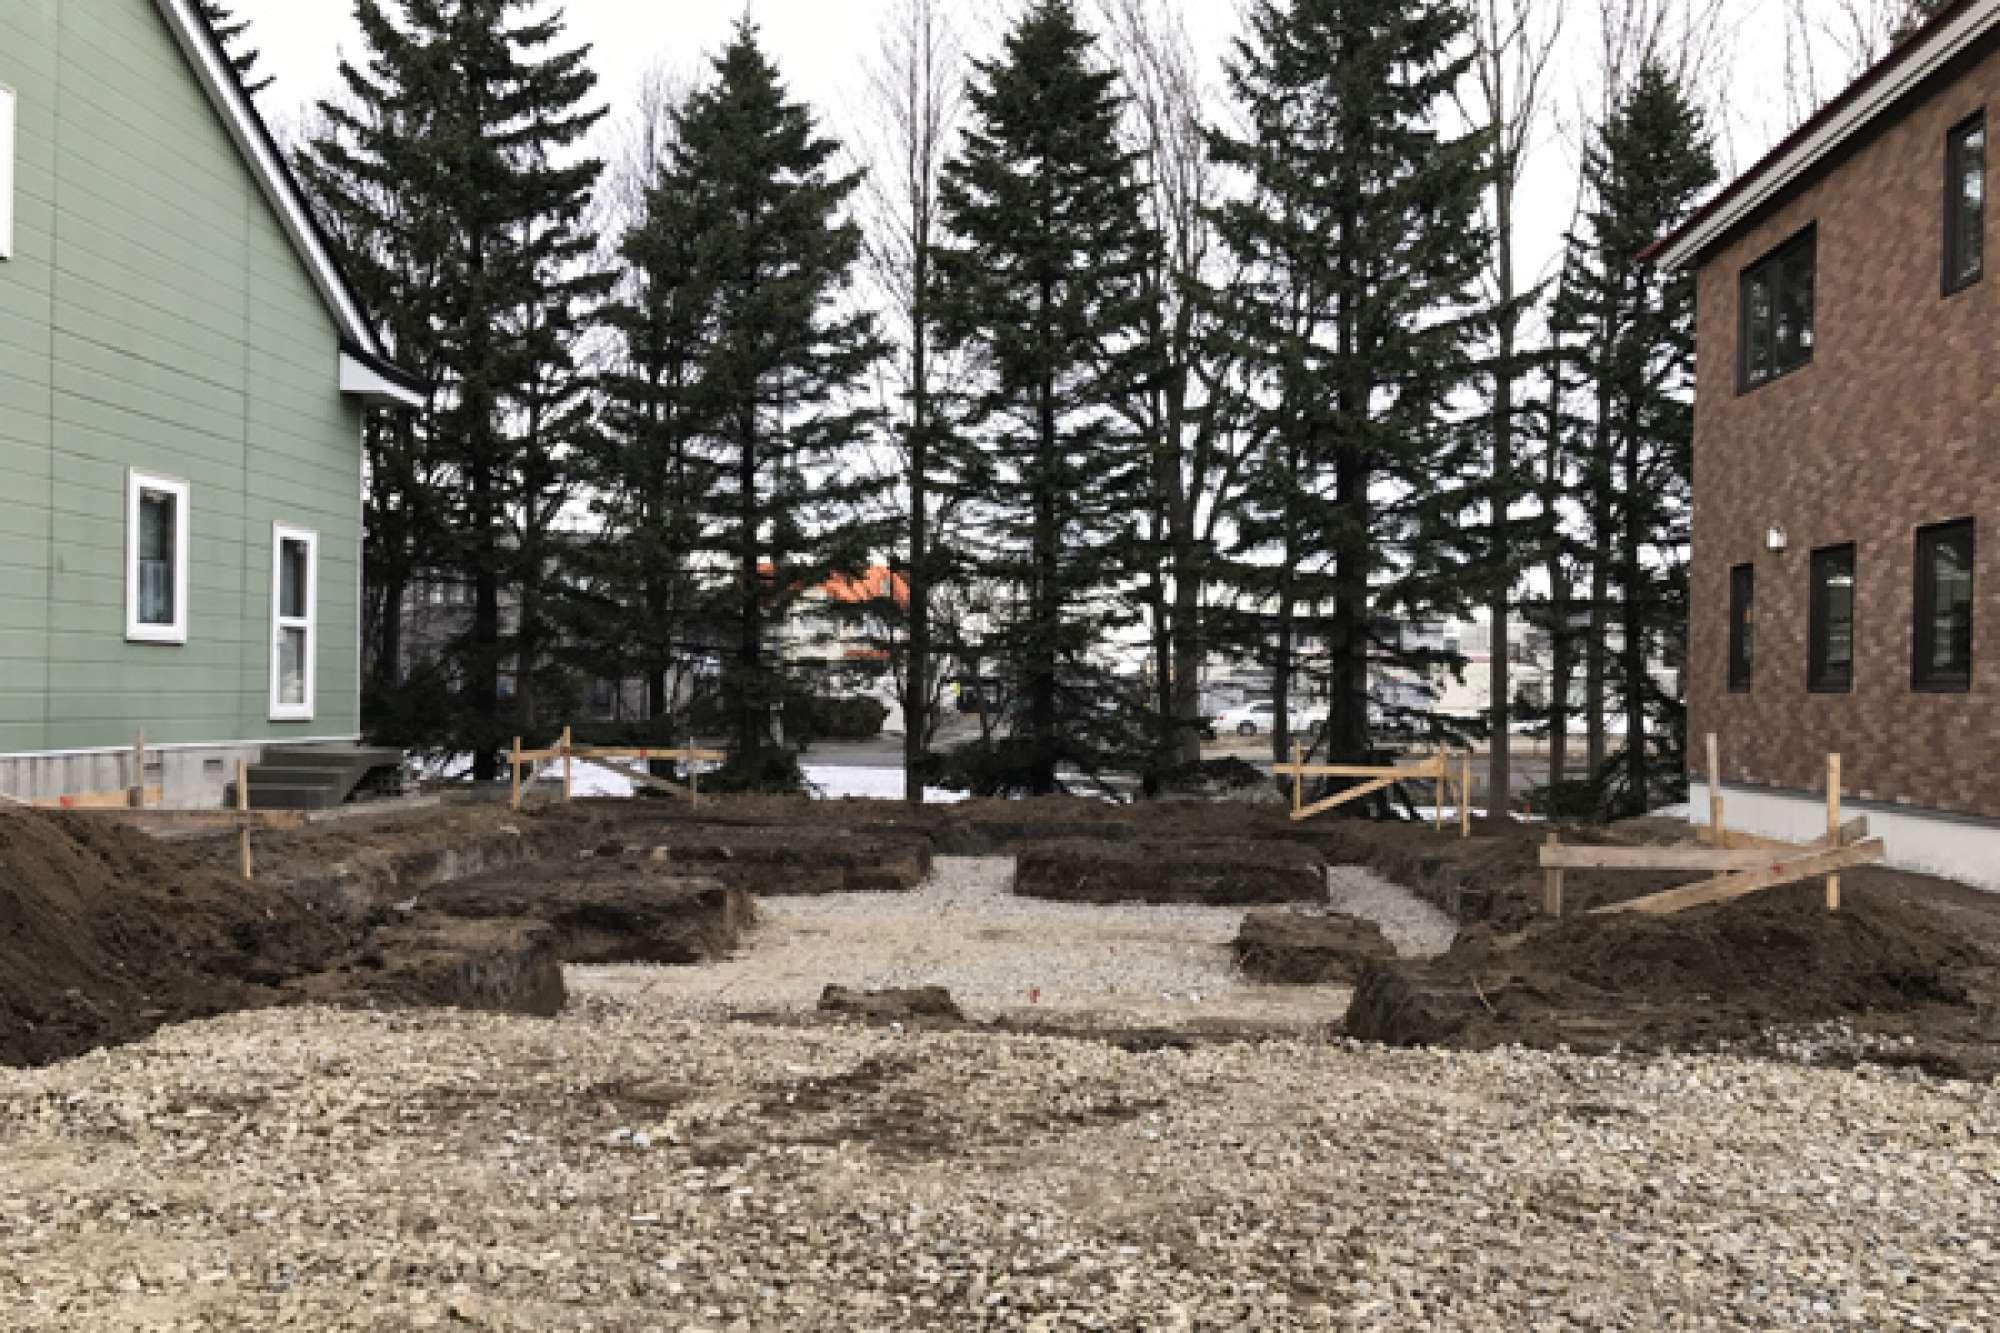 4月4日 根掘り -  -  -